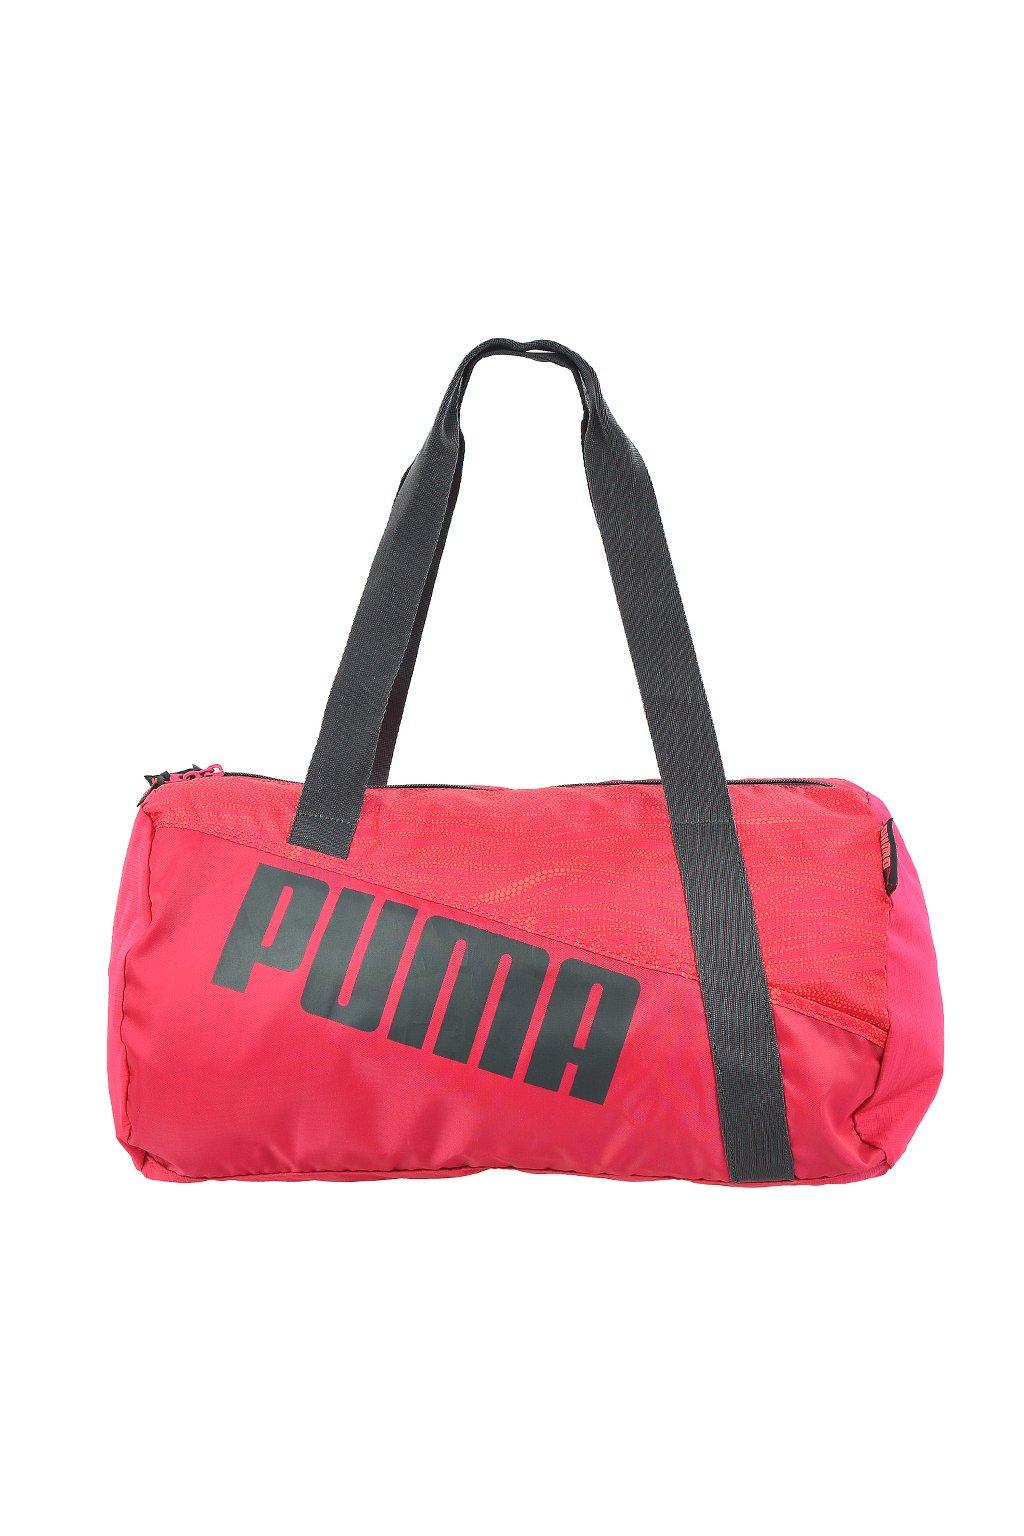 Taška Puma Studio Barrel červená 73816 02